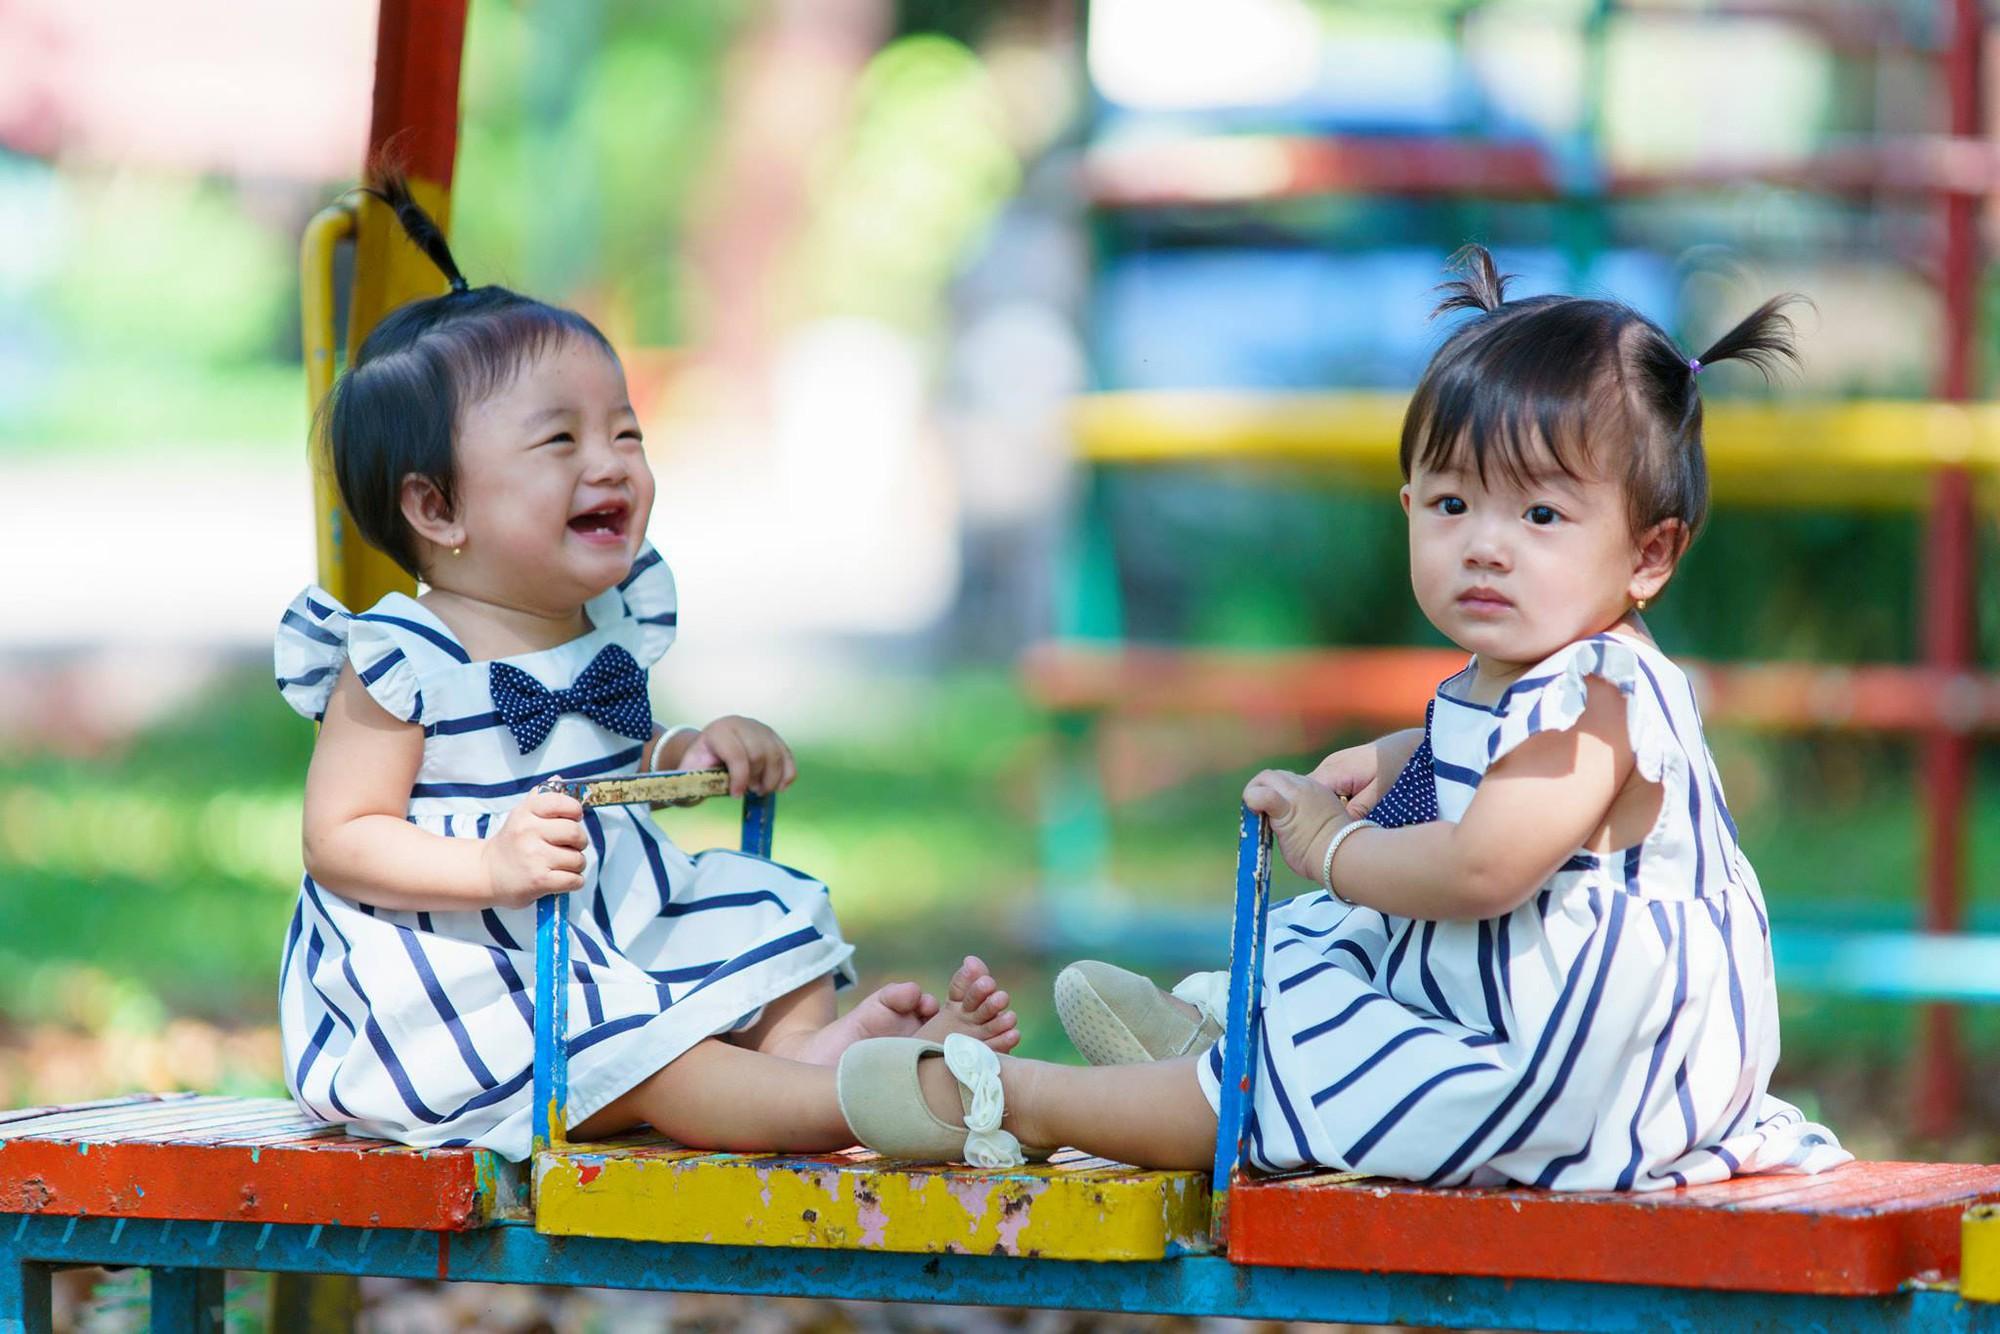 Nhật ký đi sinh nghẹt thở của mẹ mang thai đôi: Đang khám bác sĩ bỗng yêu cầu nhập viện, dừng thai kỳ ngay lập tức - Ảnh 9.